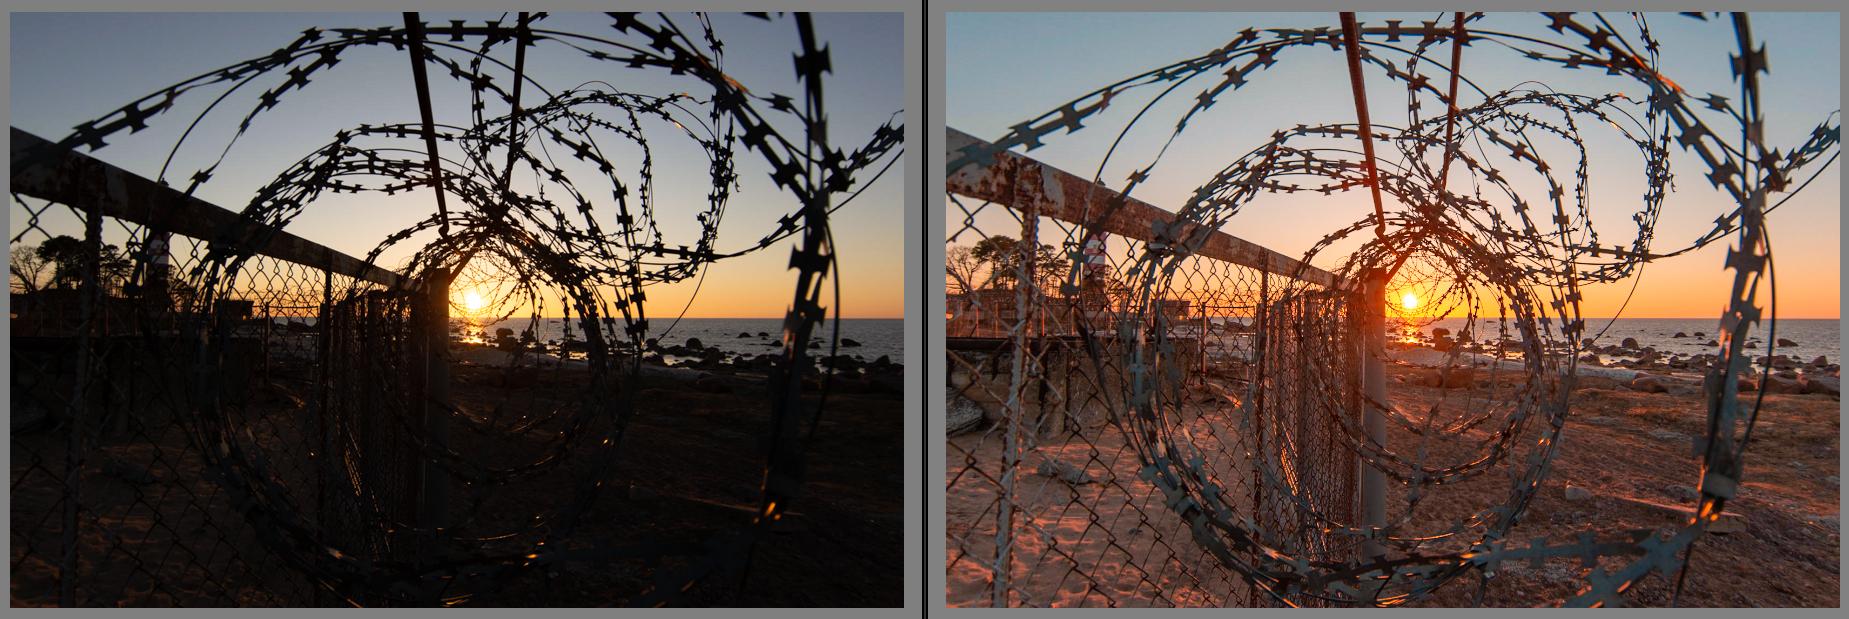 Обои картина, fotoshop, осен, экспозиция. Разное foto 4